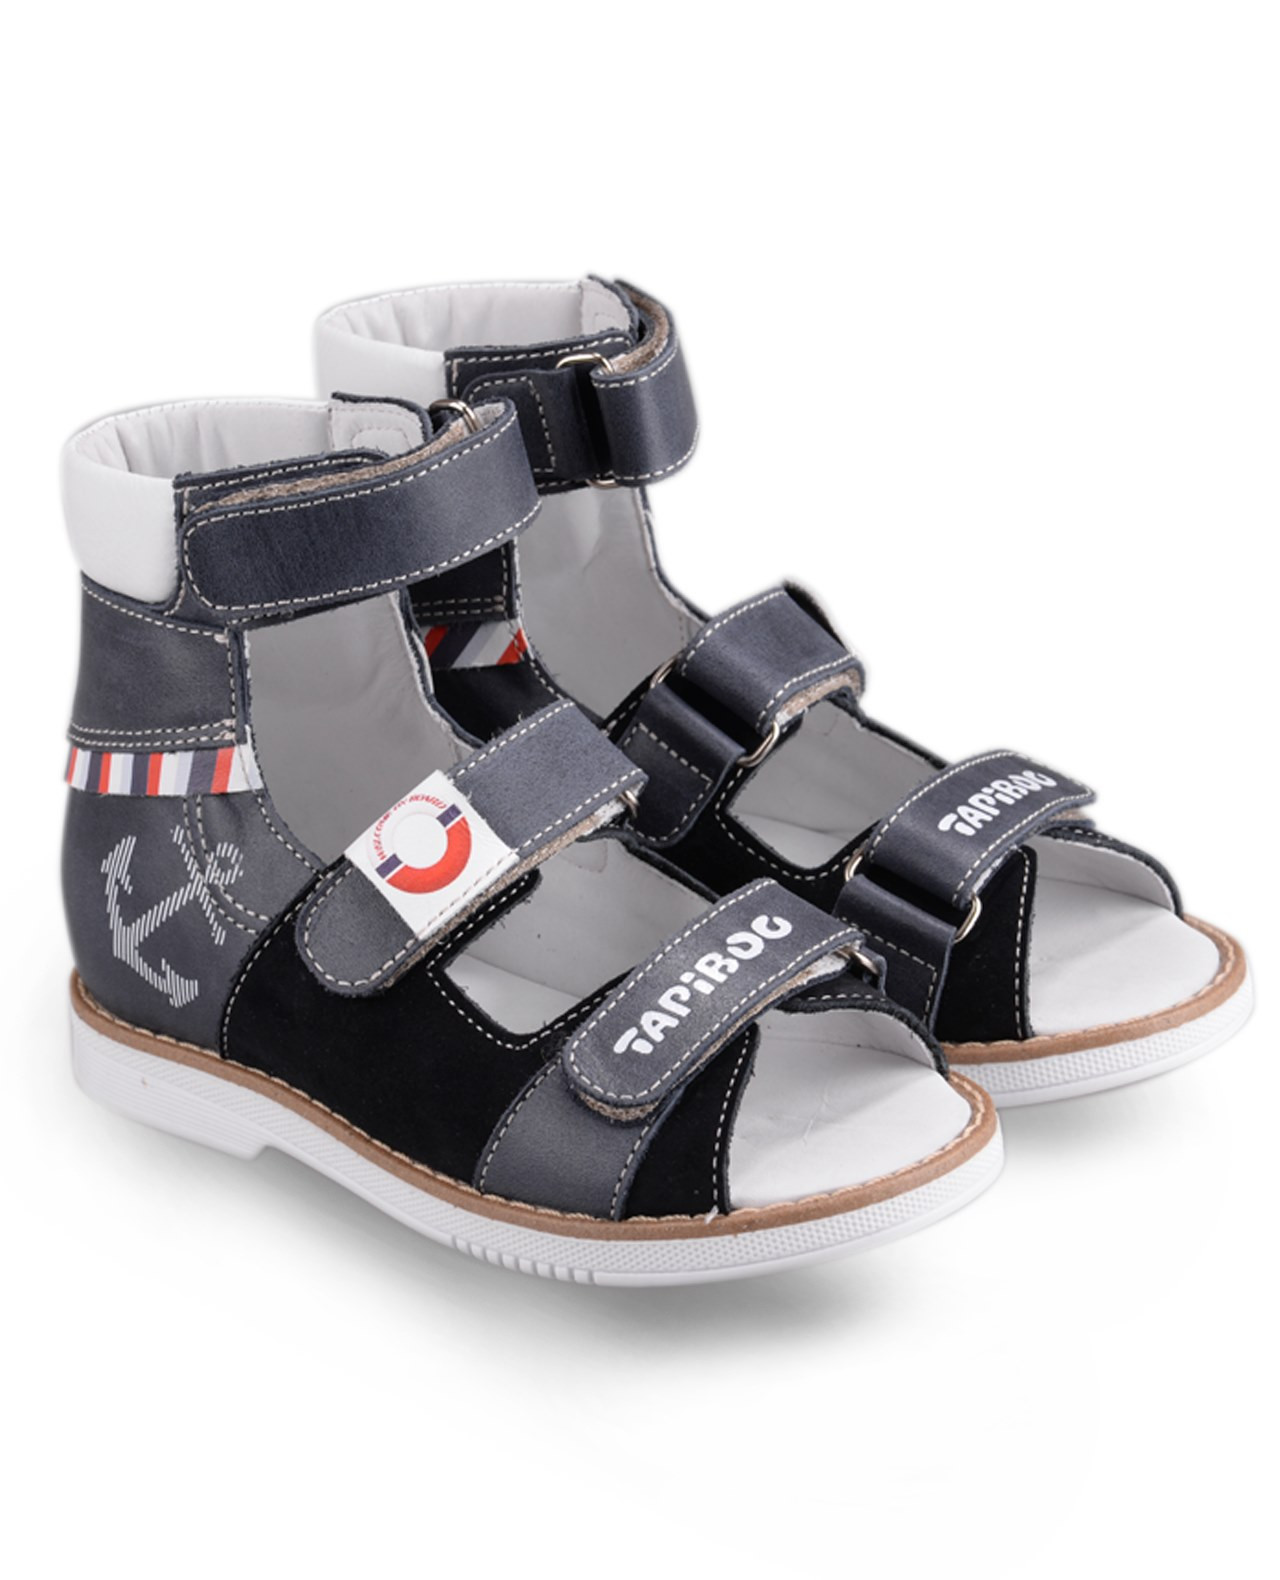 Сандалии Детские, Tapiboo Венге (44091, 24 )Сандалии<br>Эти ортопедические сандалии разработаны <br>для коррекции стоп при вальгусной деформации, <br>а также для профилактики плоскостопия. <br>Применение данной модели рекомендовано <br>детям при наличии сформировавшихся деформаций. <br>При применении данной обуви рекомендуется <br>использование индивидуальных ортопедических <br>стелек по назначению врача-ортопеда. Жесткий <br>фиксирующий задник увеличенной высоты <br>и возможность регулировки полноты тремя <br>застежками «велкро» обеспечивают необходимую <br>фиксацию голеностопа в правильном положении. <br>Широкий, устойчивый каблук, специальной <br>конфигурации «каблук Томаса». Каблук продлен <br>с внутренней стороны до середины стопы, <br>предотвращает вращение (заваливание) стопы <br>вовнутрь (пронационный компонент деформации, <br>так называемая косолапость, или вальгусная <br>деформация). Подкладка из кожи теленка без <br>швов. Кожа теленка обладает повышенной <br>износостойкостью в сочетании с мягкостью <br>и отличной способностью пропускать воздух <br>для создания оптимального температурного <br>режима (нога не потеет). Отсутствие швов <br>на подкладк<br>Размер INT: M; Цвет: Красный; Ширина: 100; Высота: 200; Вес: 1000;